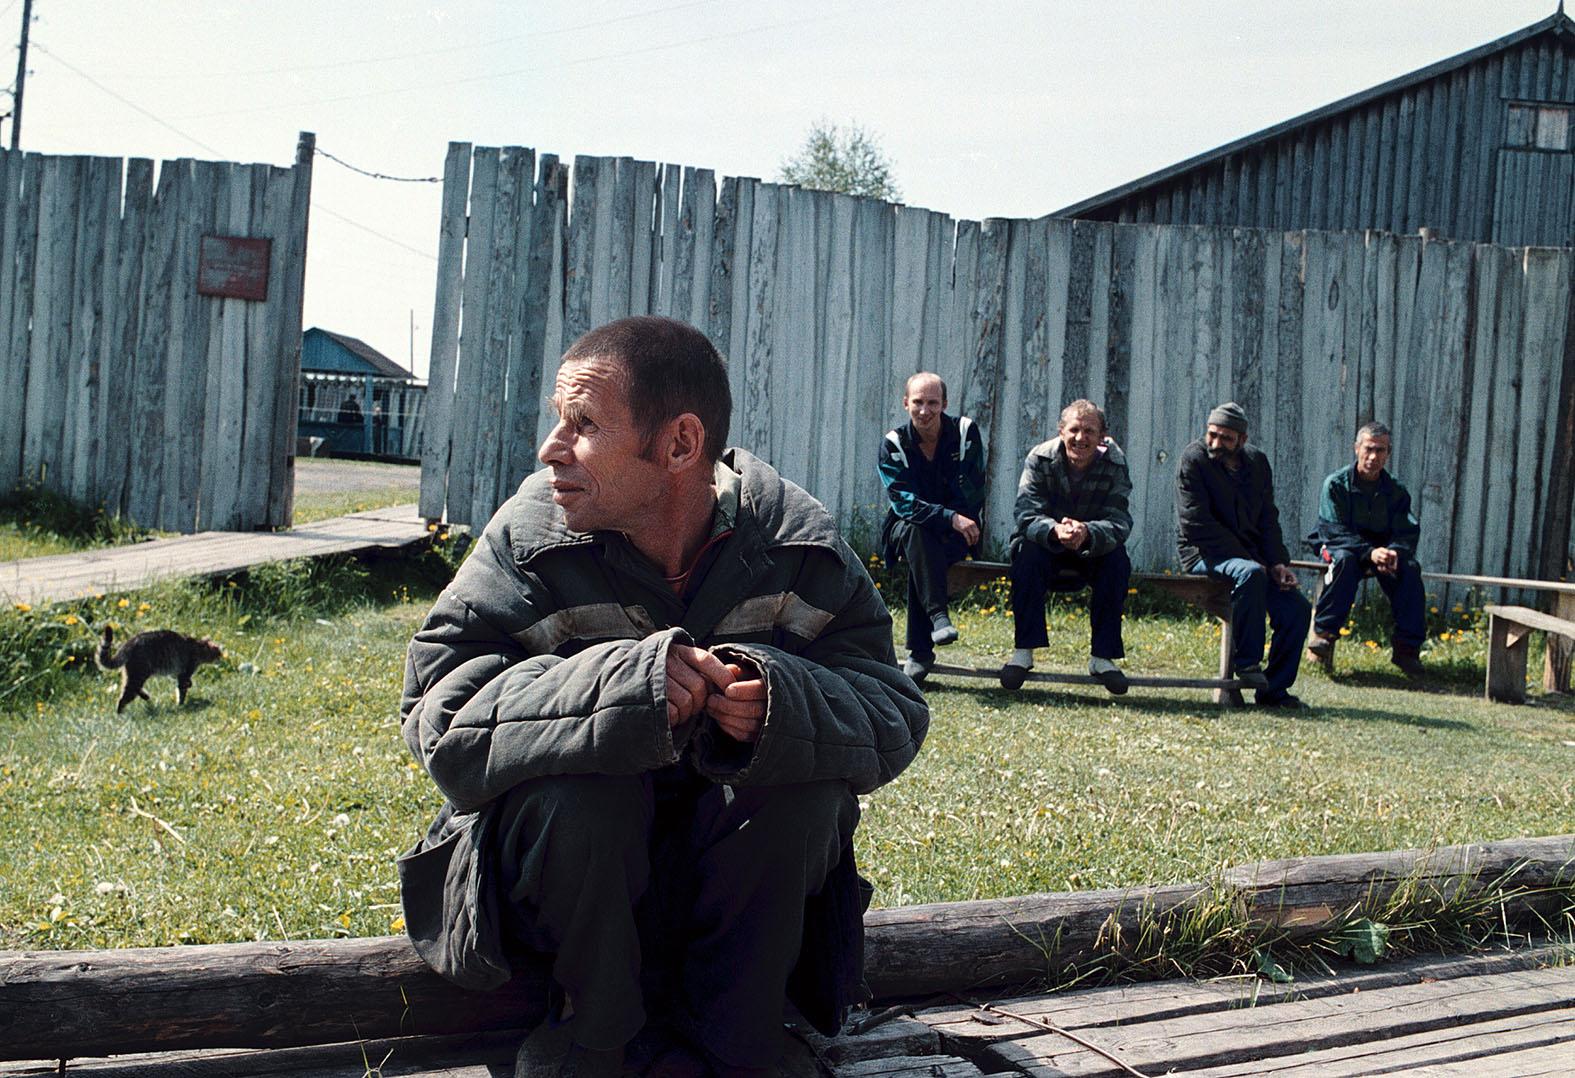 Чиновники превратили Москву в колонию-поселение. Сходства и различия